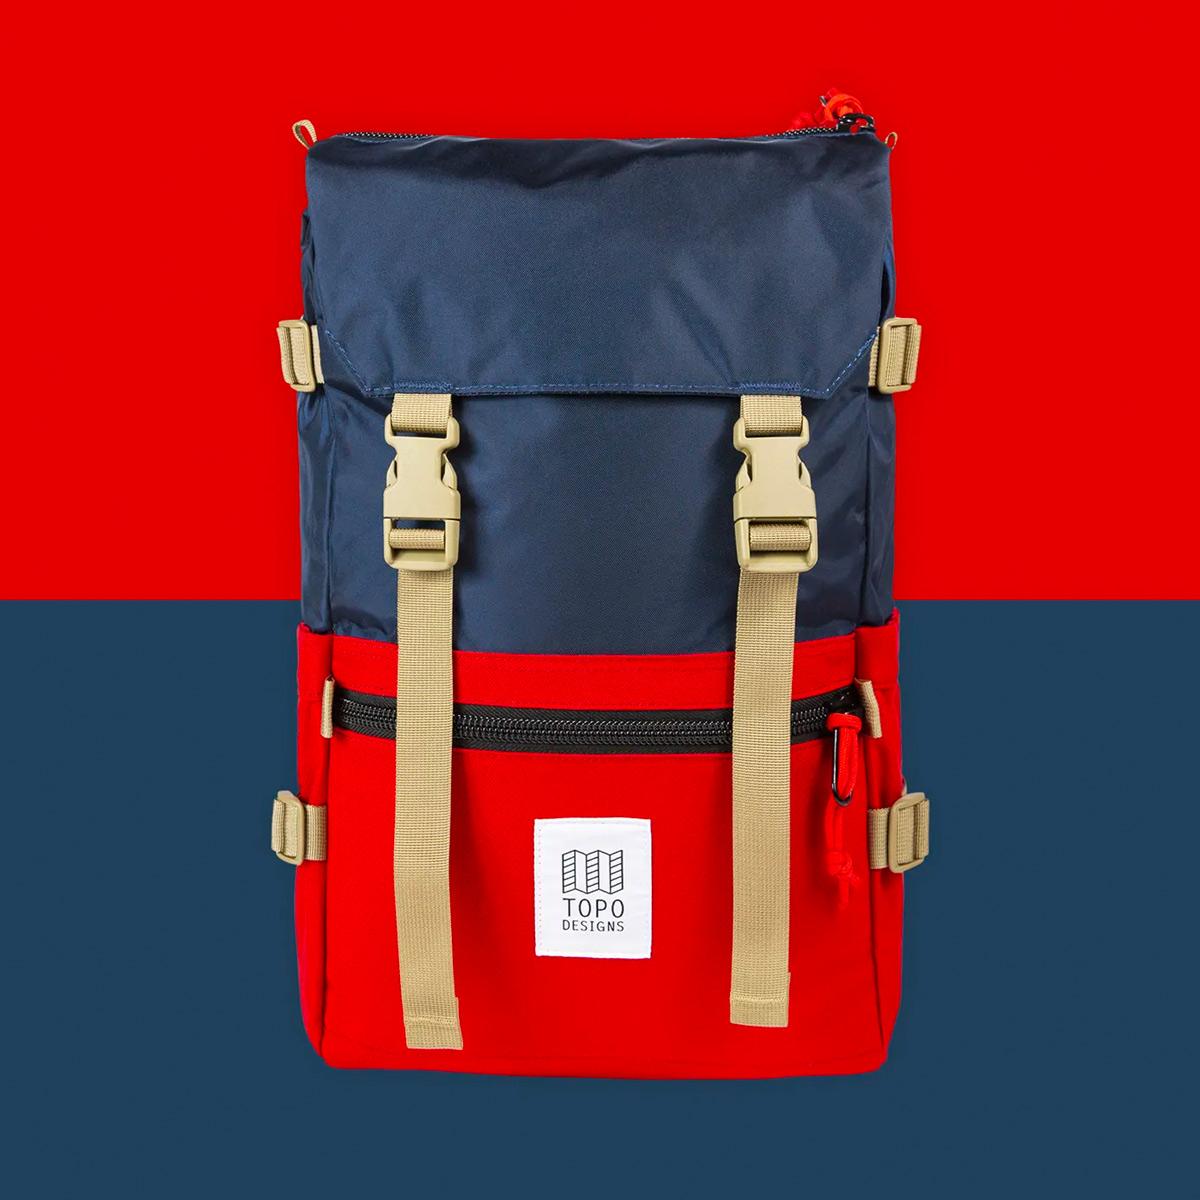 Topo Designs Rover Pack Classic Navy/Red, Rucksack ideal für Freizeit und Business